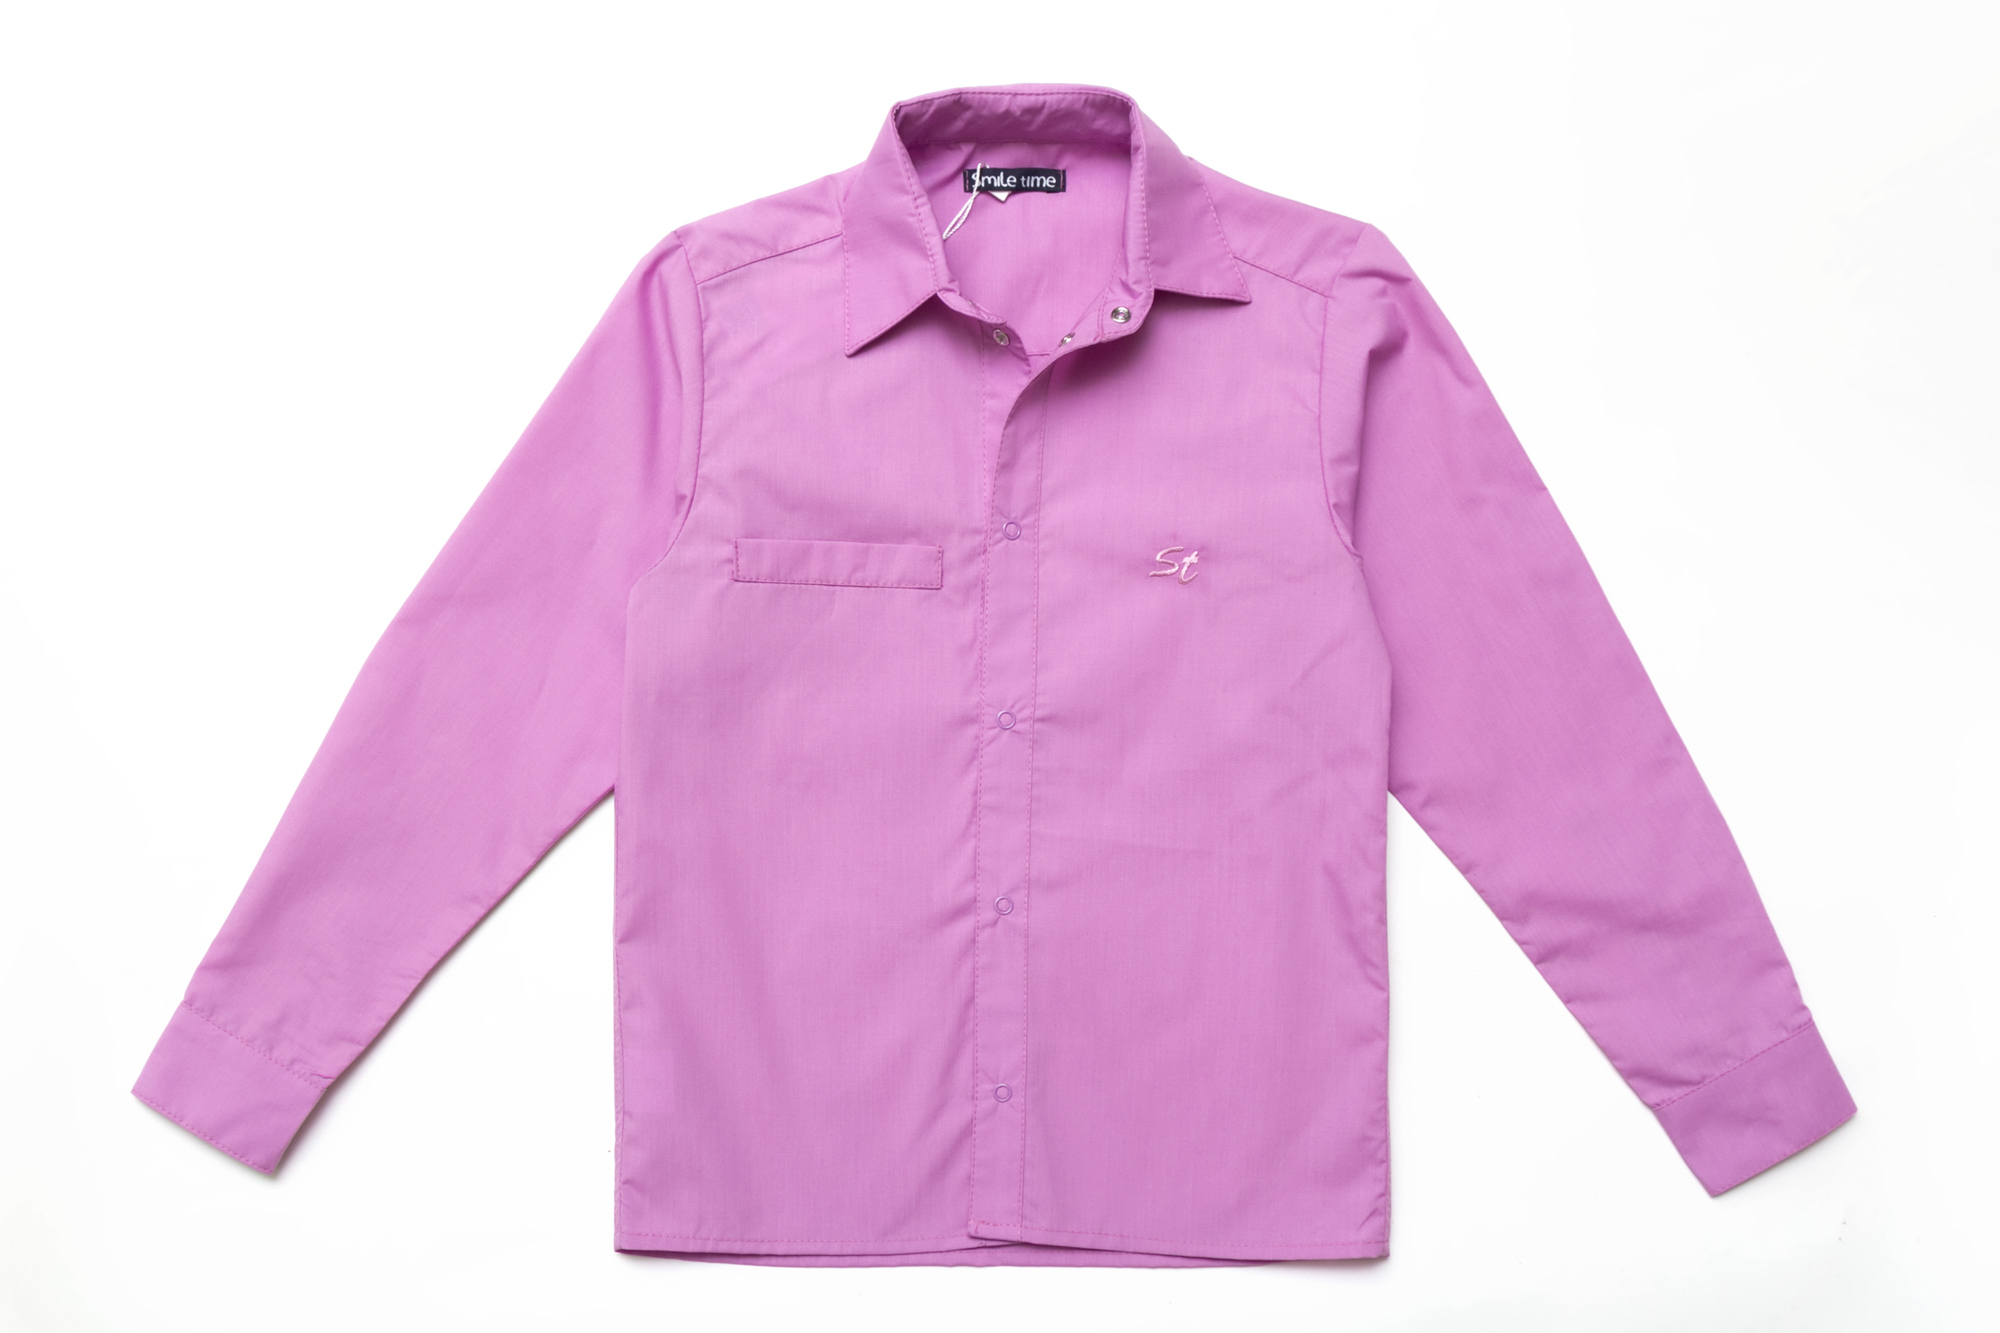 Рубашка SmileTime для мальчика с длинным рукавом Classic, лиловая